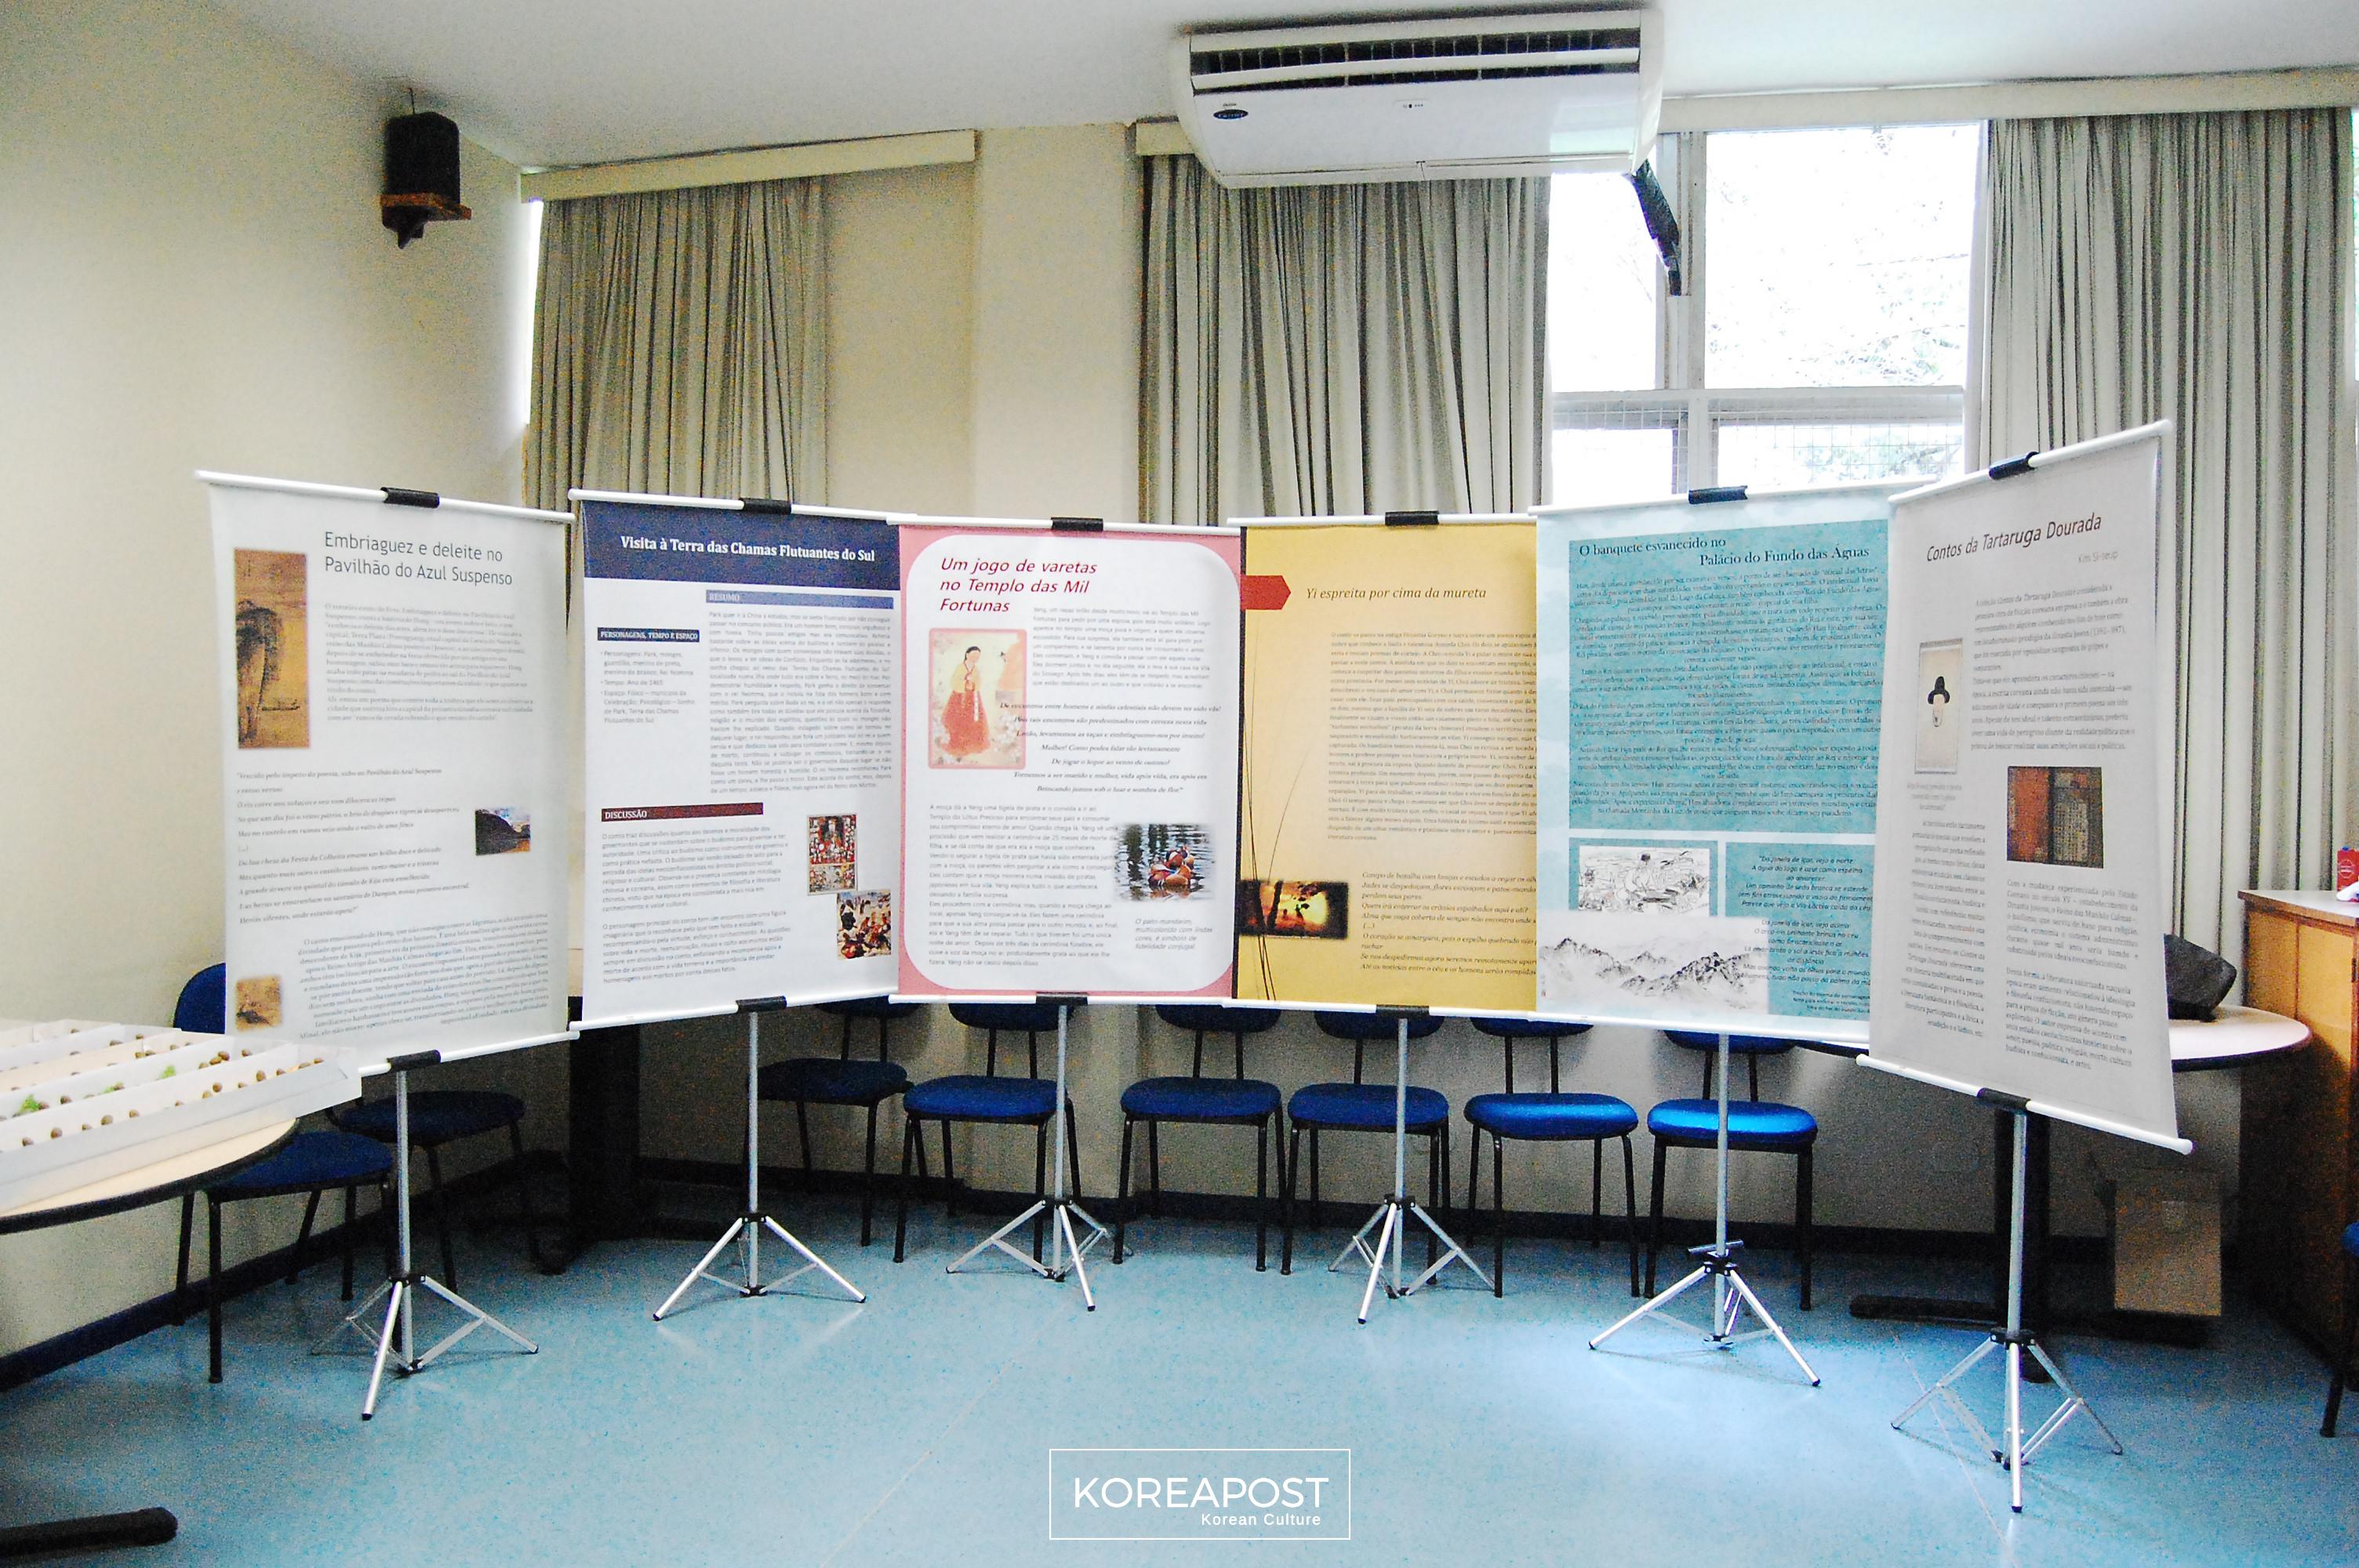 Sala preparada especialmente para o Simpósio de Literatura Coreana, em 08 de junho. Foto: Koreapost.